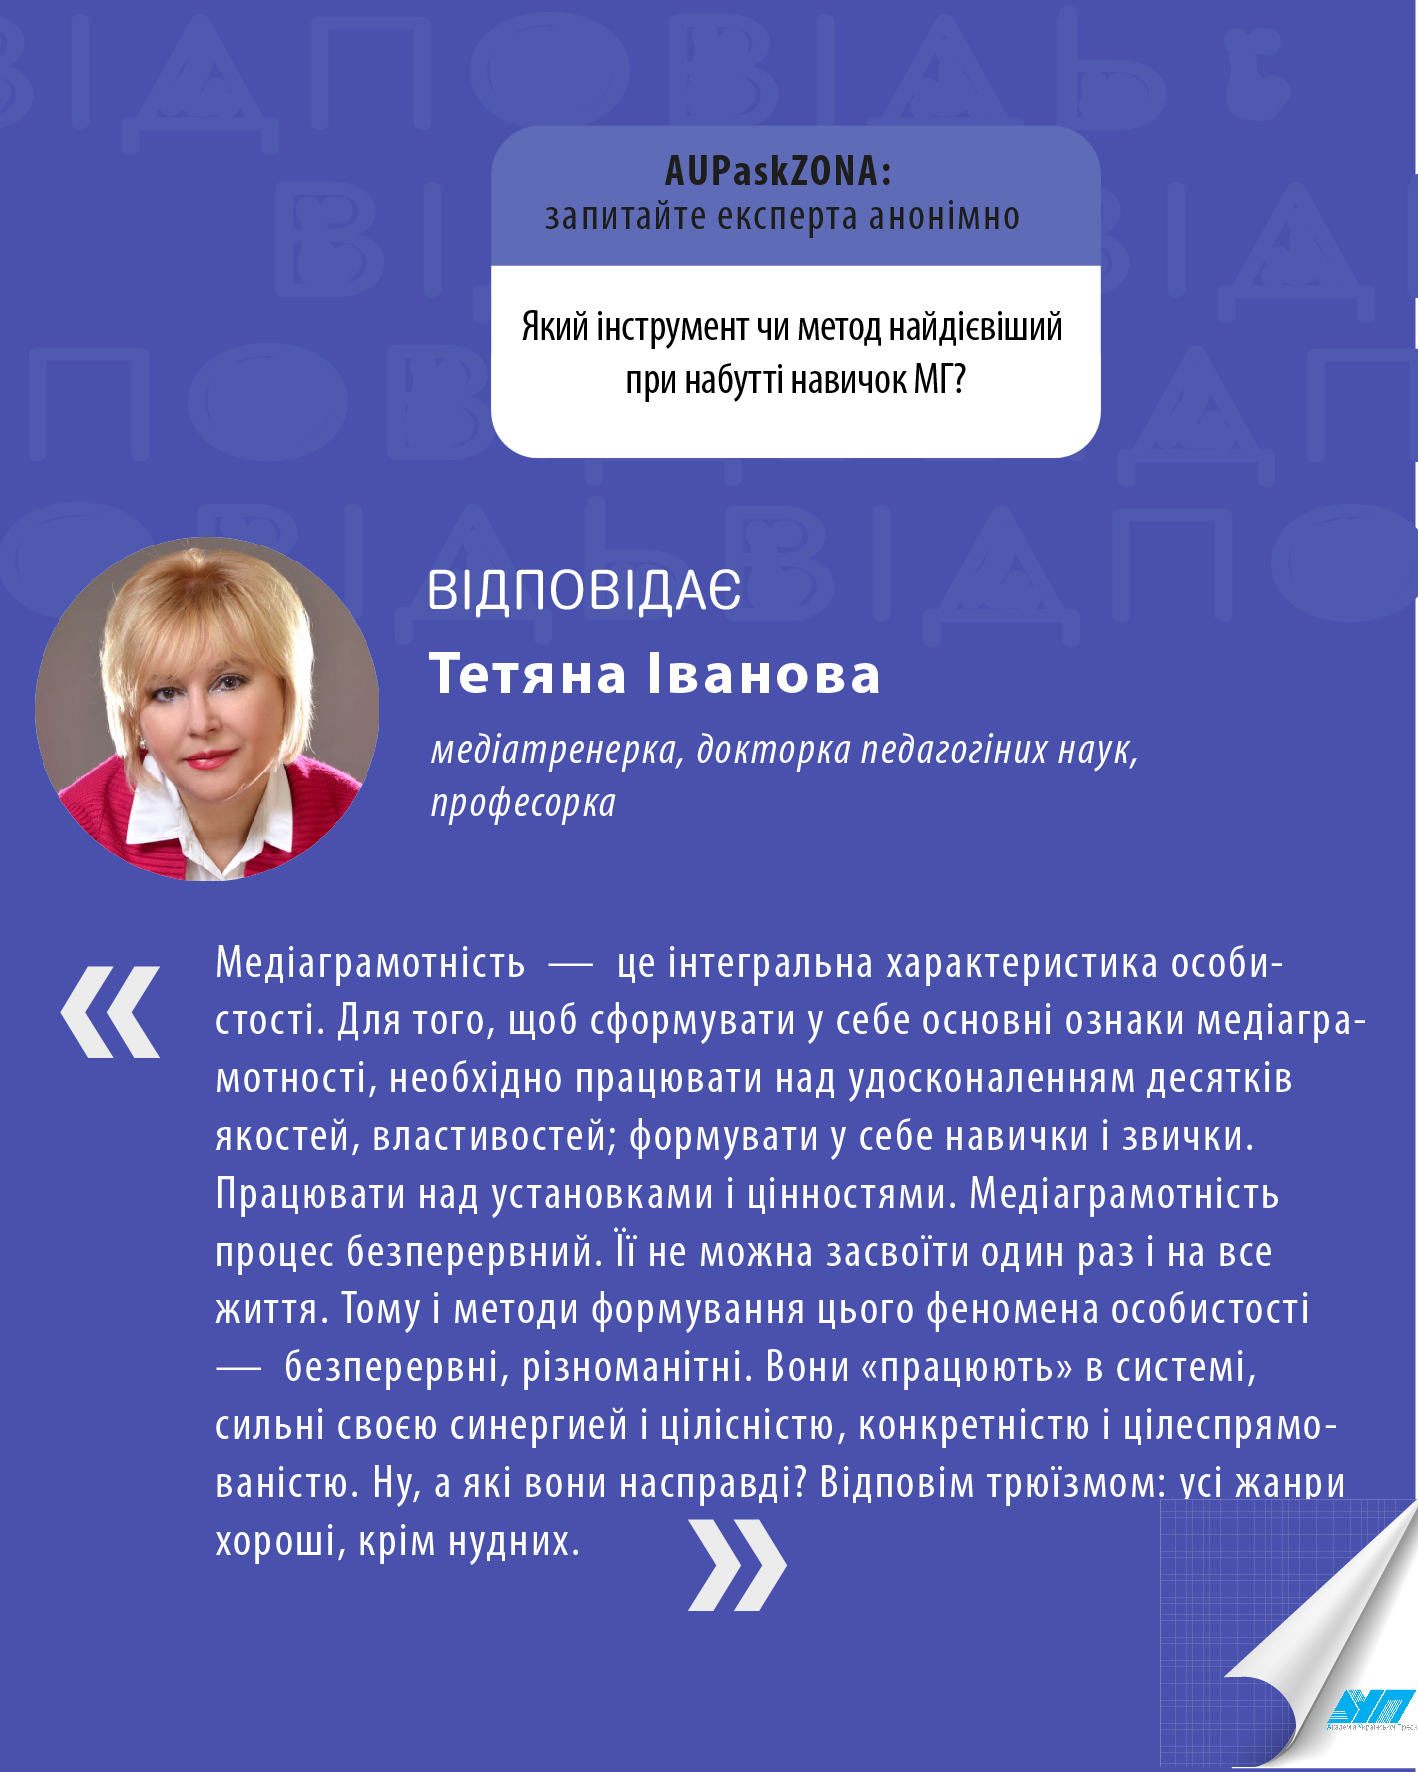 Ask_Zona_IVANOVA_TV3